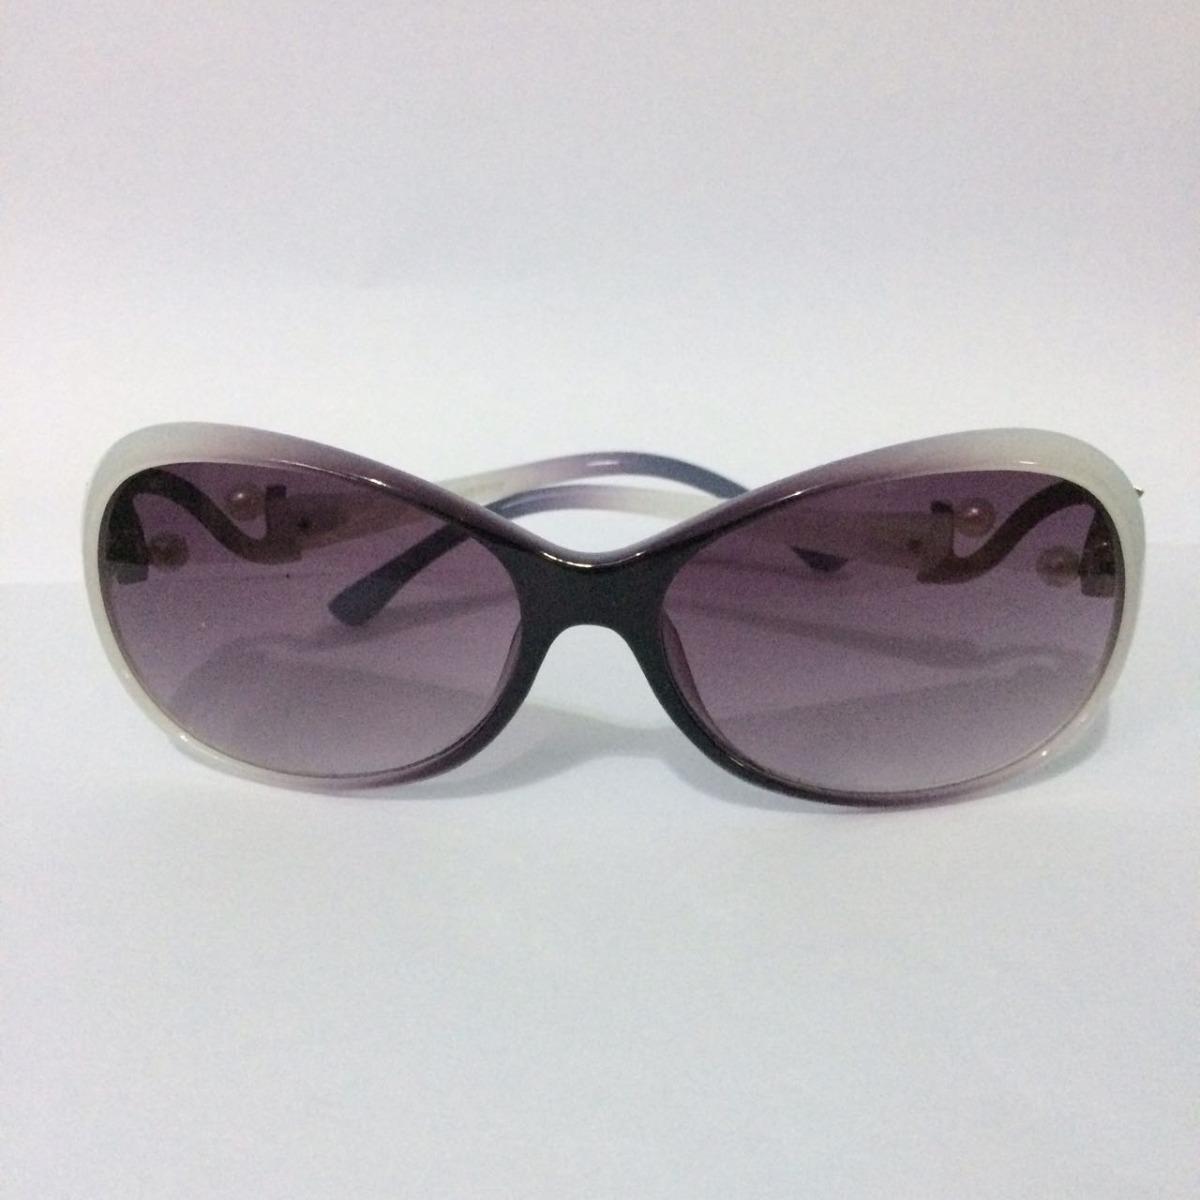 d53f24f277500 óculos de sol feminino com armação branca e roxa proteção uv. Carregando  zoom.